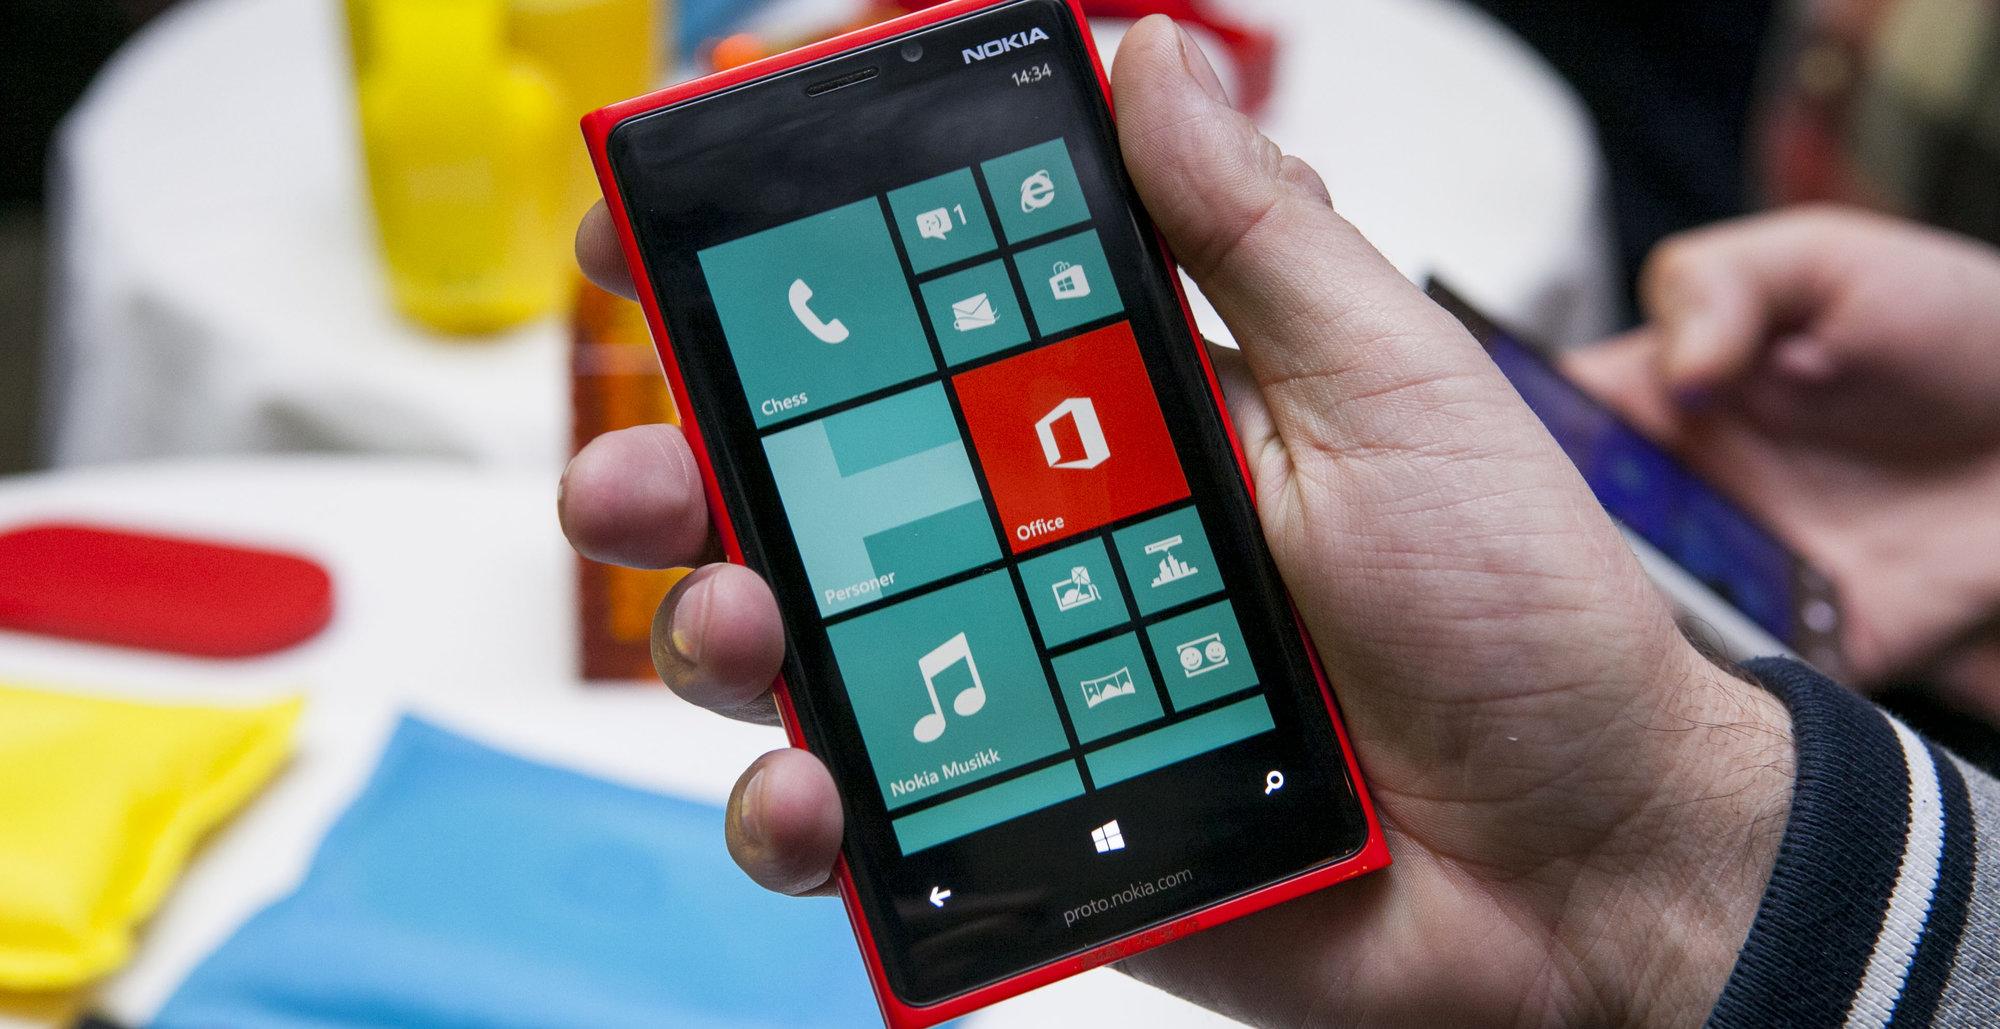 Microsoft har med Windows 8 og Windows Phone 8 lagt det som virker som en stø kurs videre. Nå gjenstår det bare å kapre kunder, så vil nok app-utvalget øke, og mobil-produsentene følge etter.